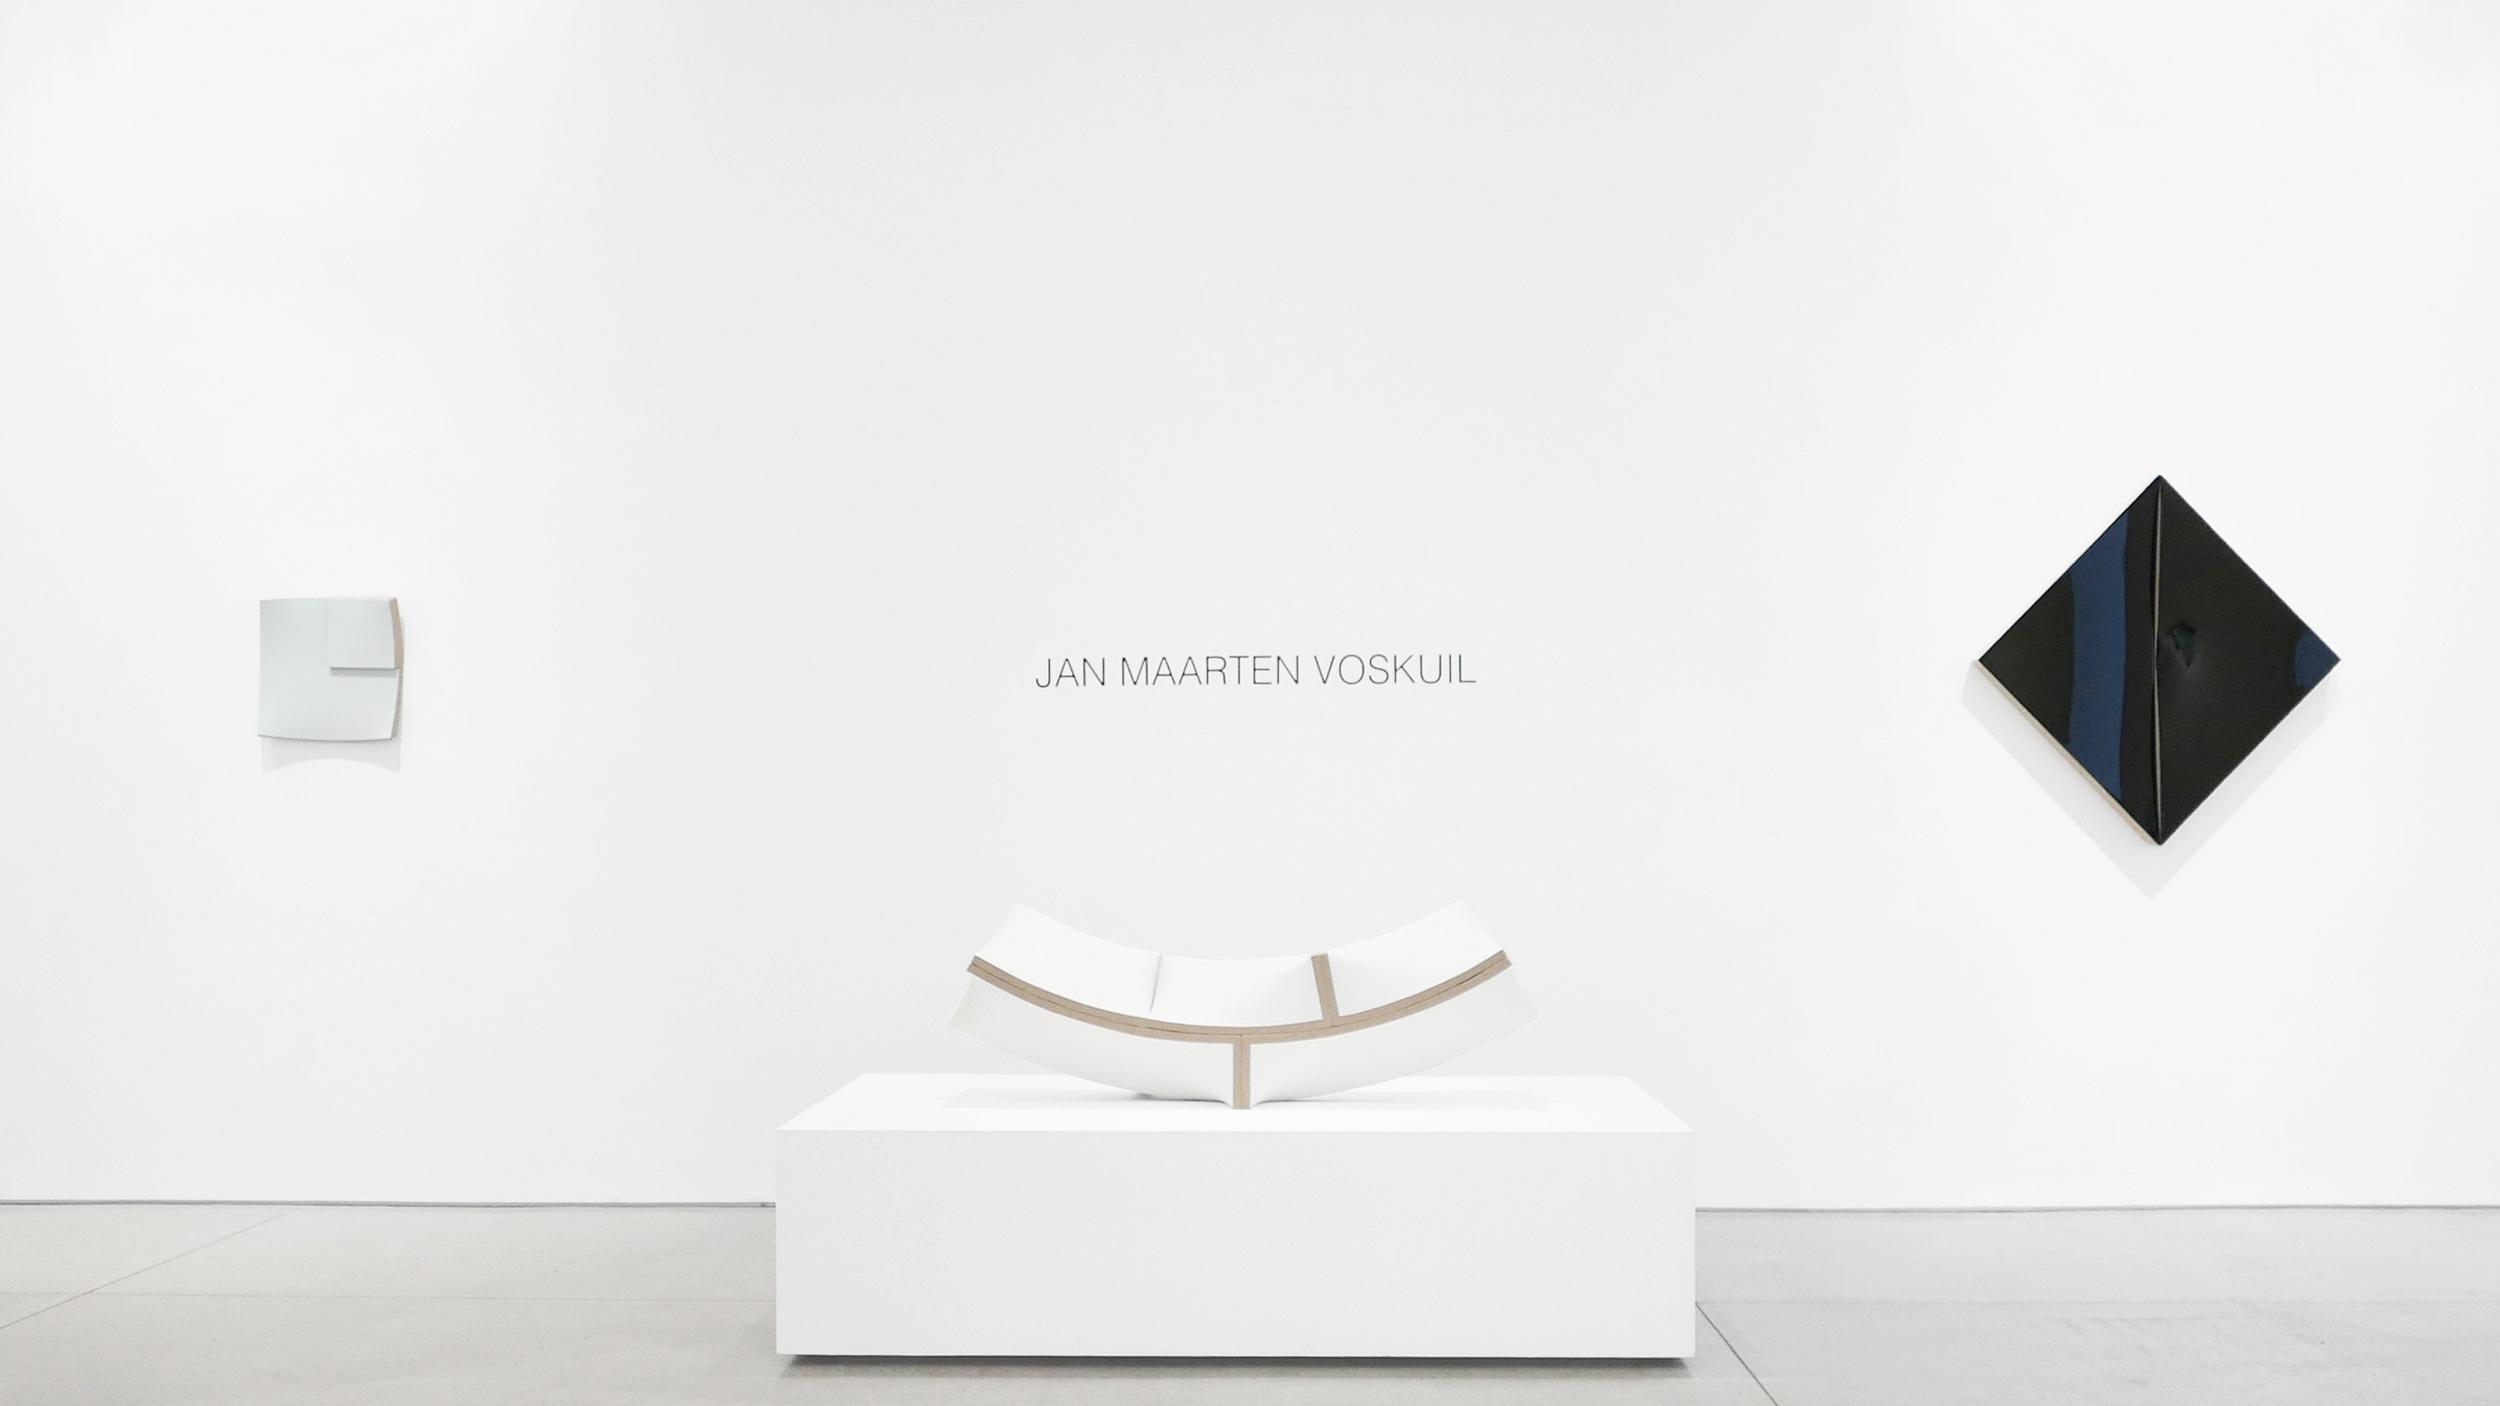 JAN MAARTEN VOSKUIL